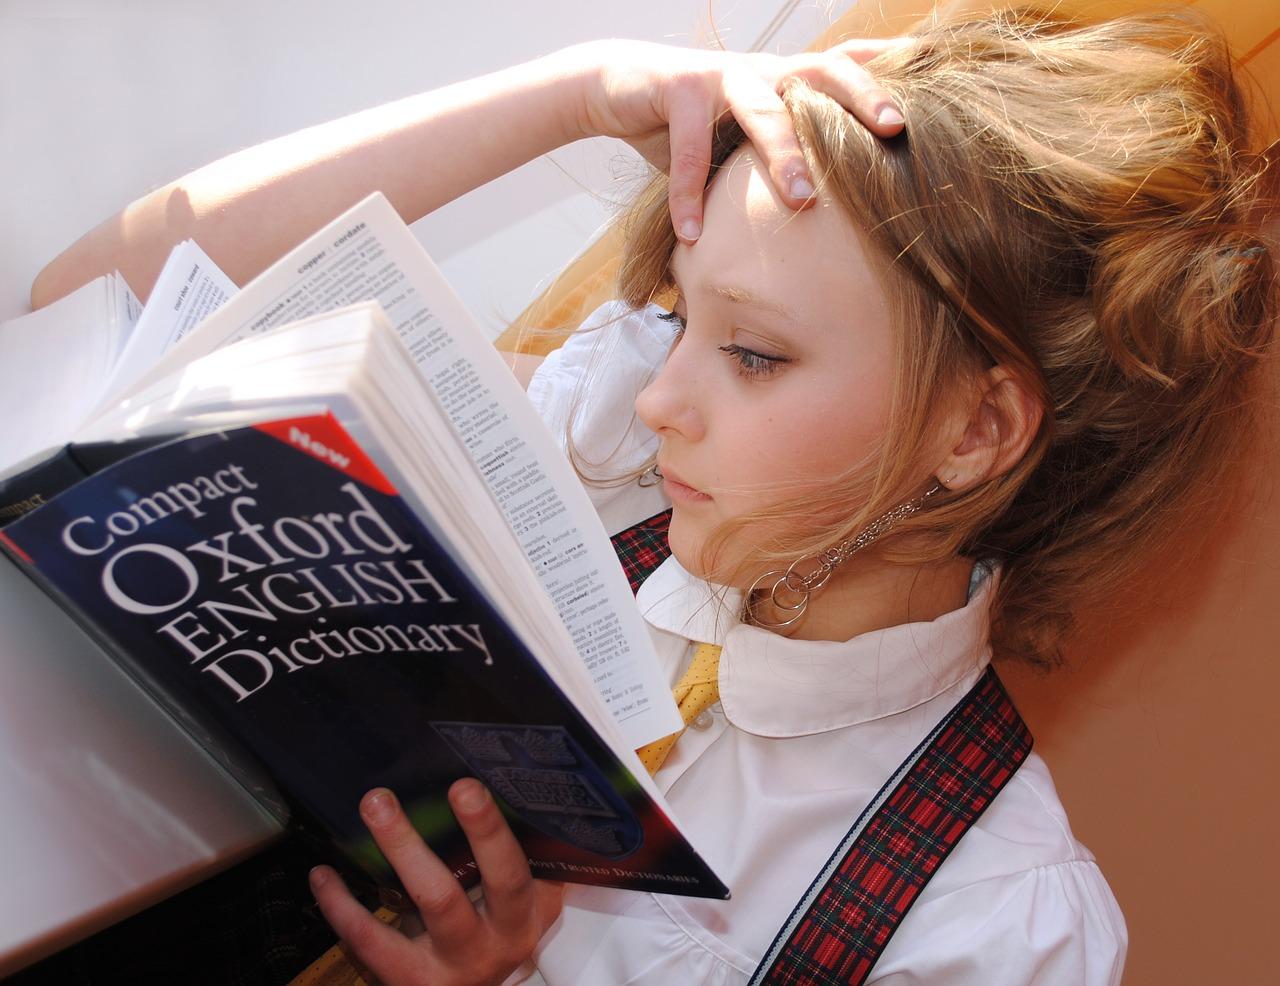 思春期や高校生ニキビの改善には「ふき取り化粧水」が効果的◆17歳女子高校生の体験談